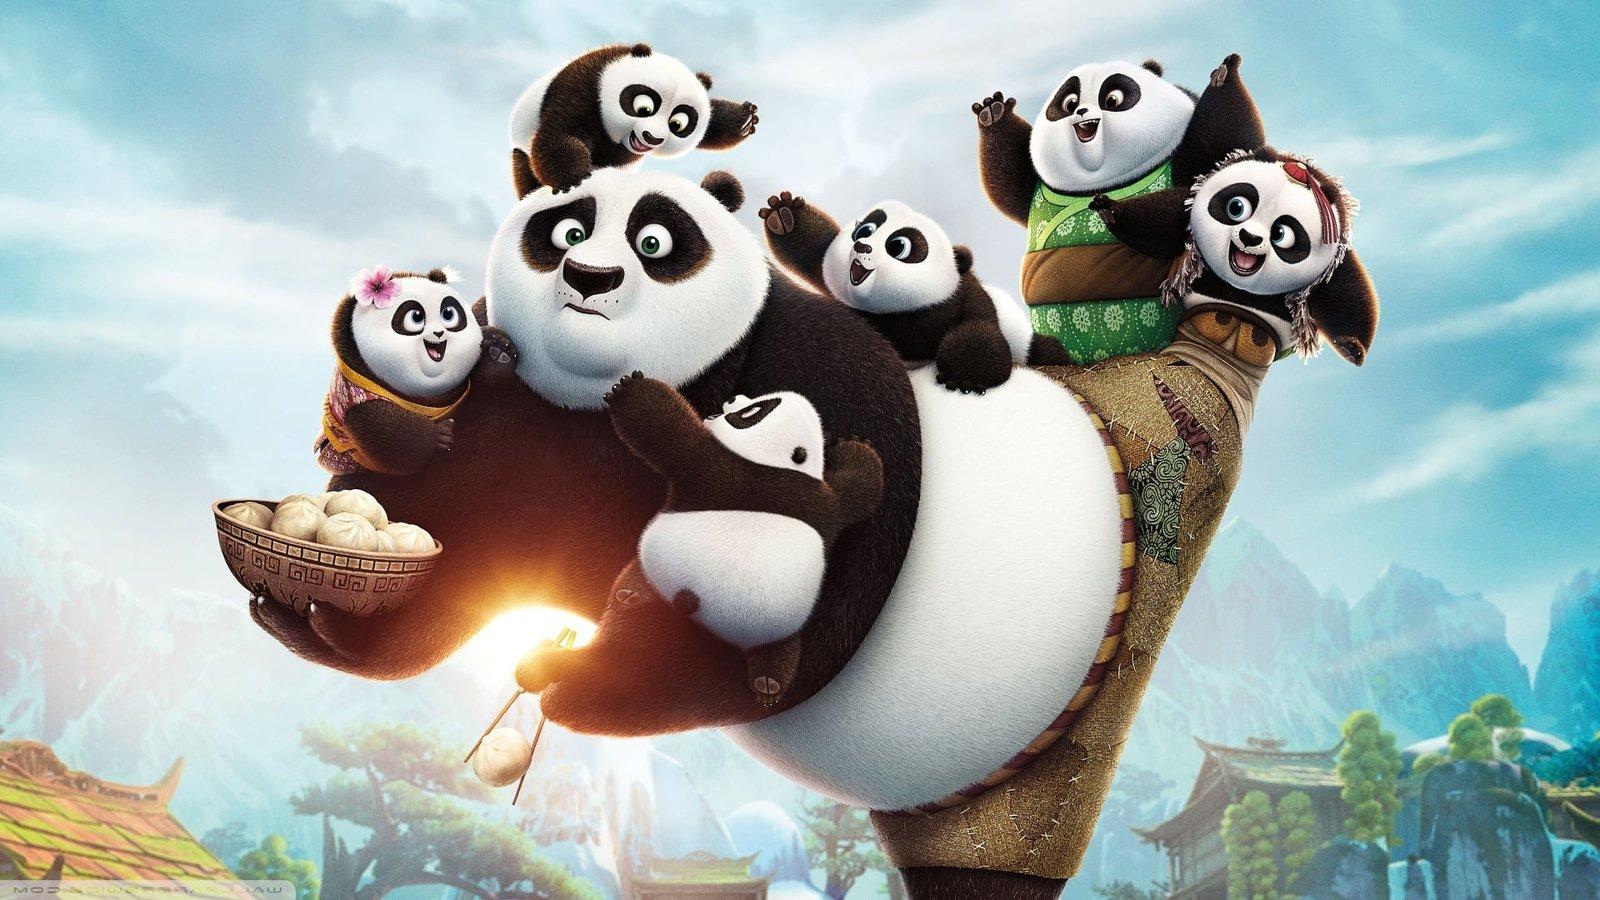 / Kung Fu Panda 3